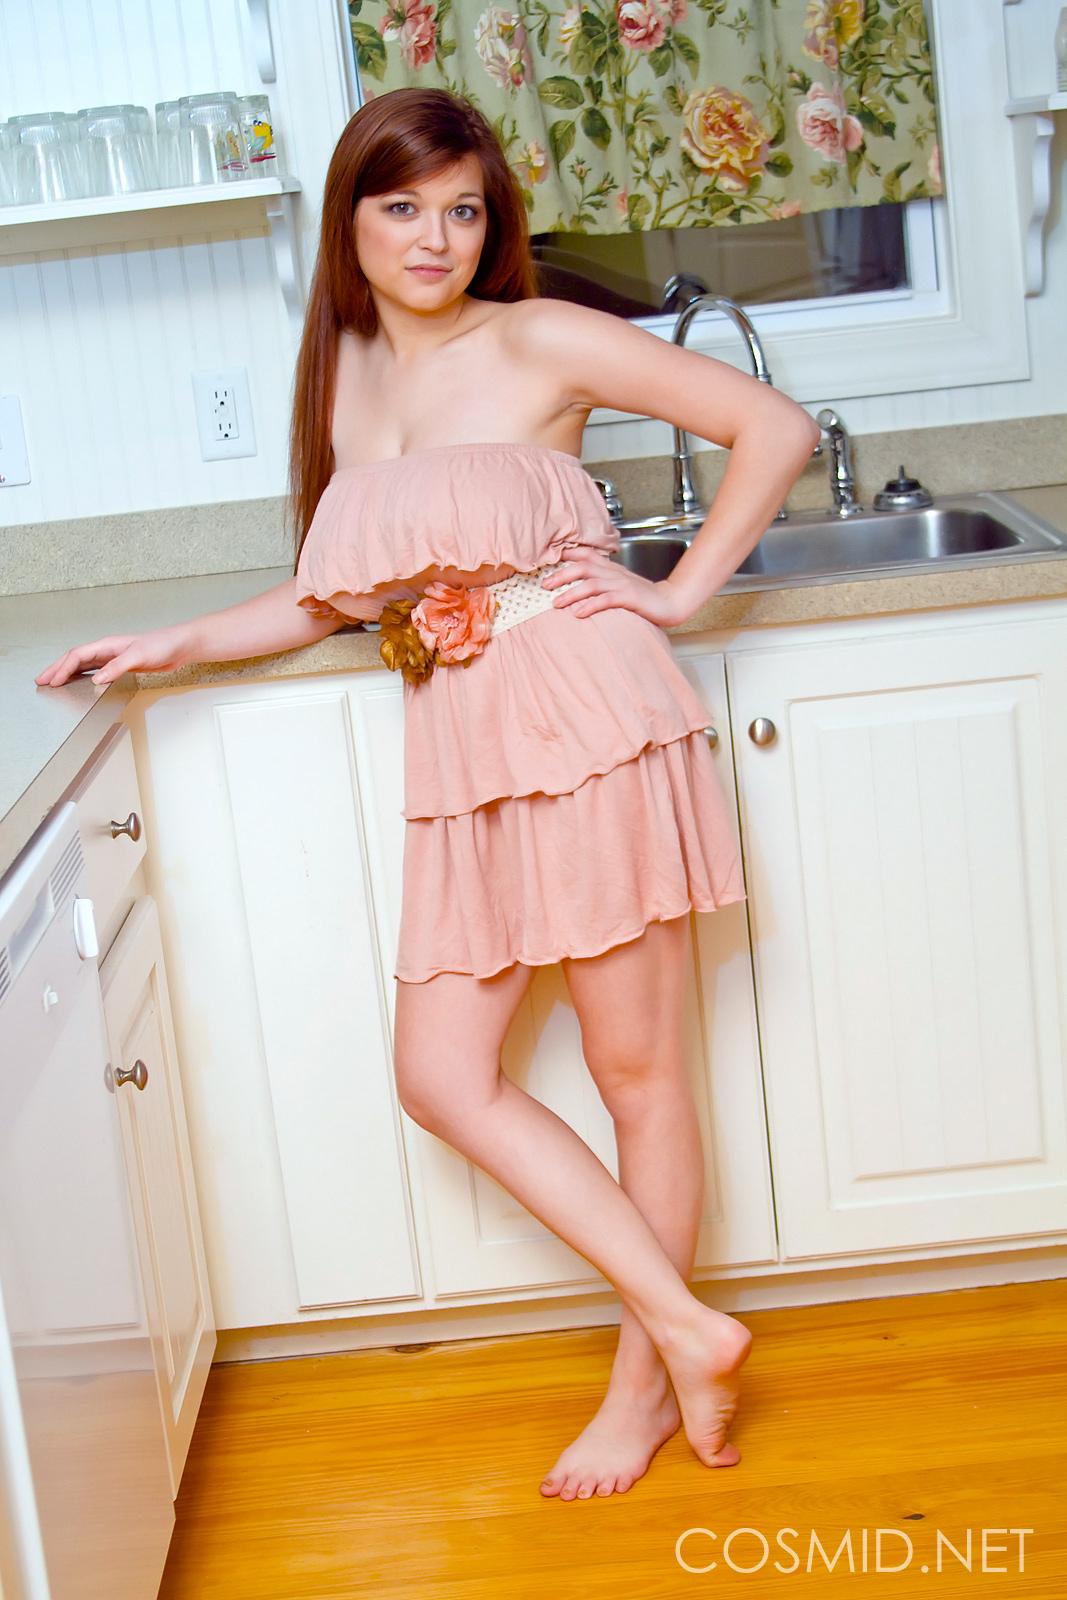 Рыжая худенькая голая девушка с большой грудью 26 фотография